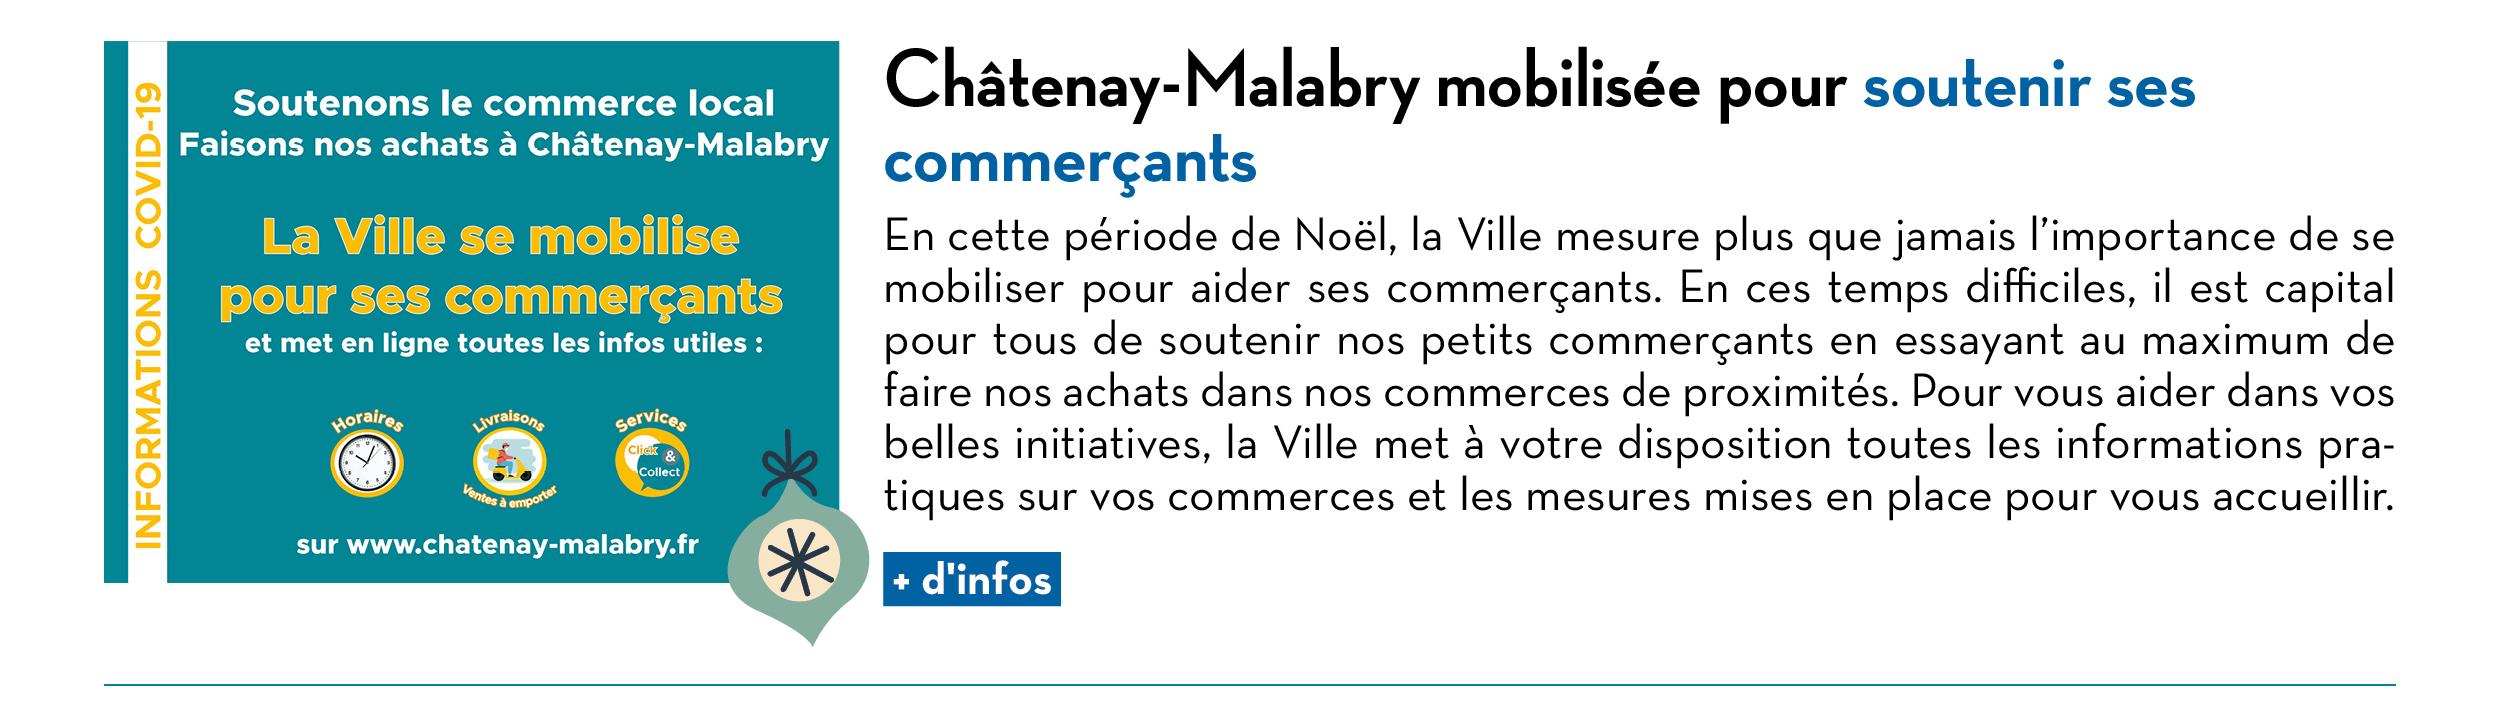 Châtenay-Malabry mobilisée pour soutenir ses commerçants